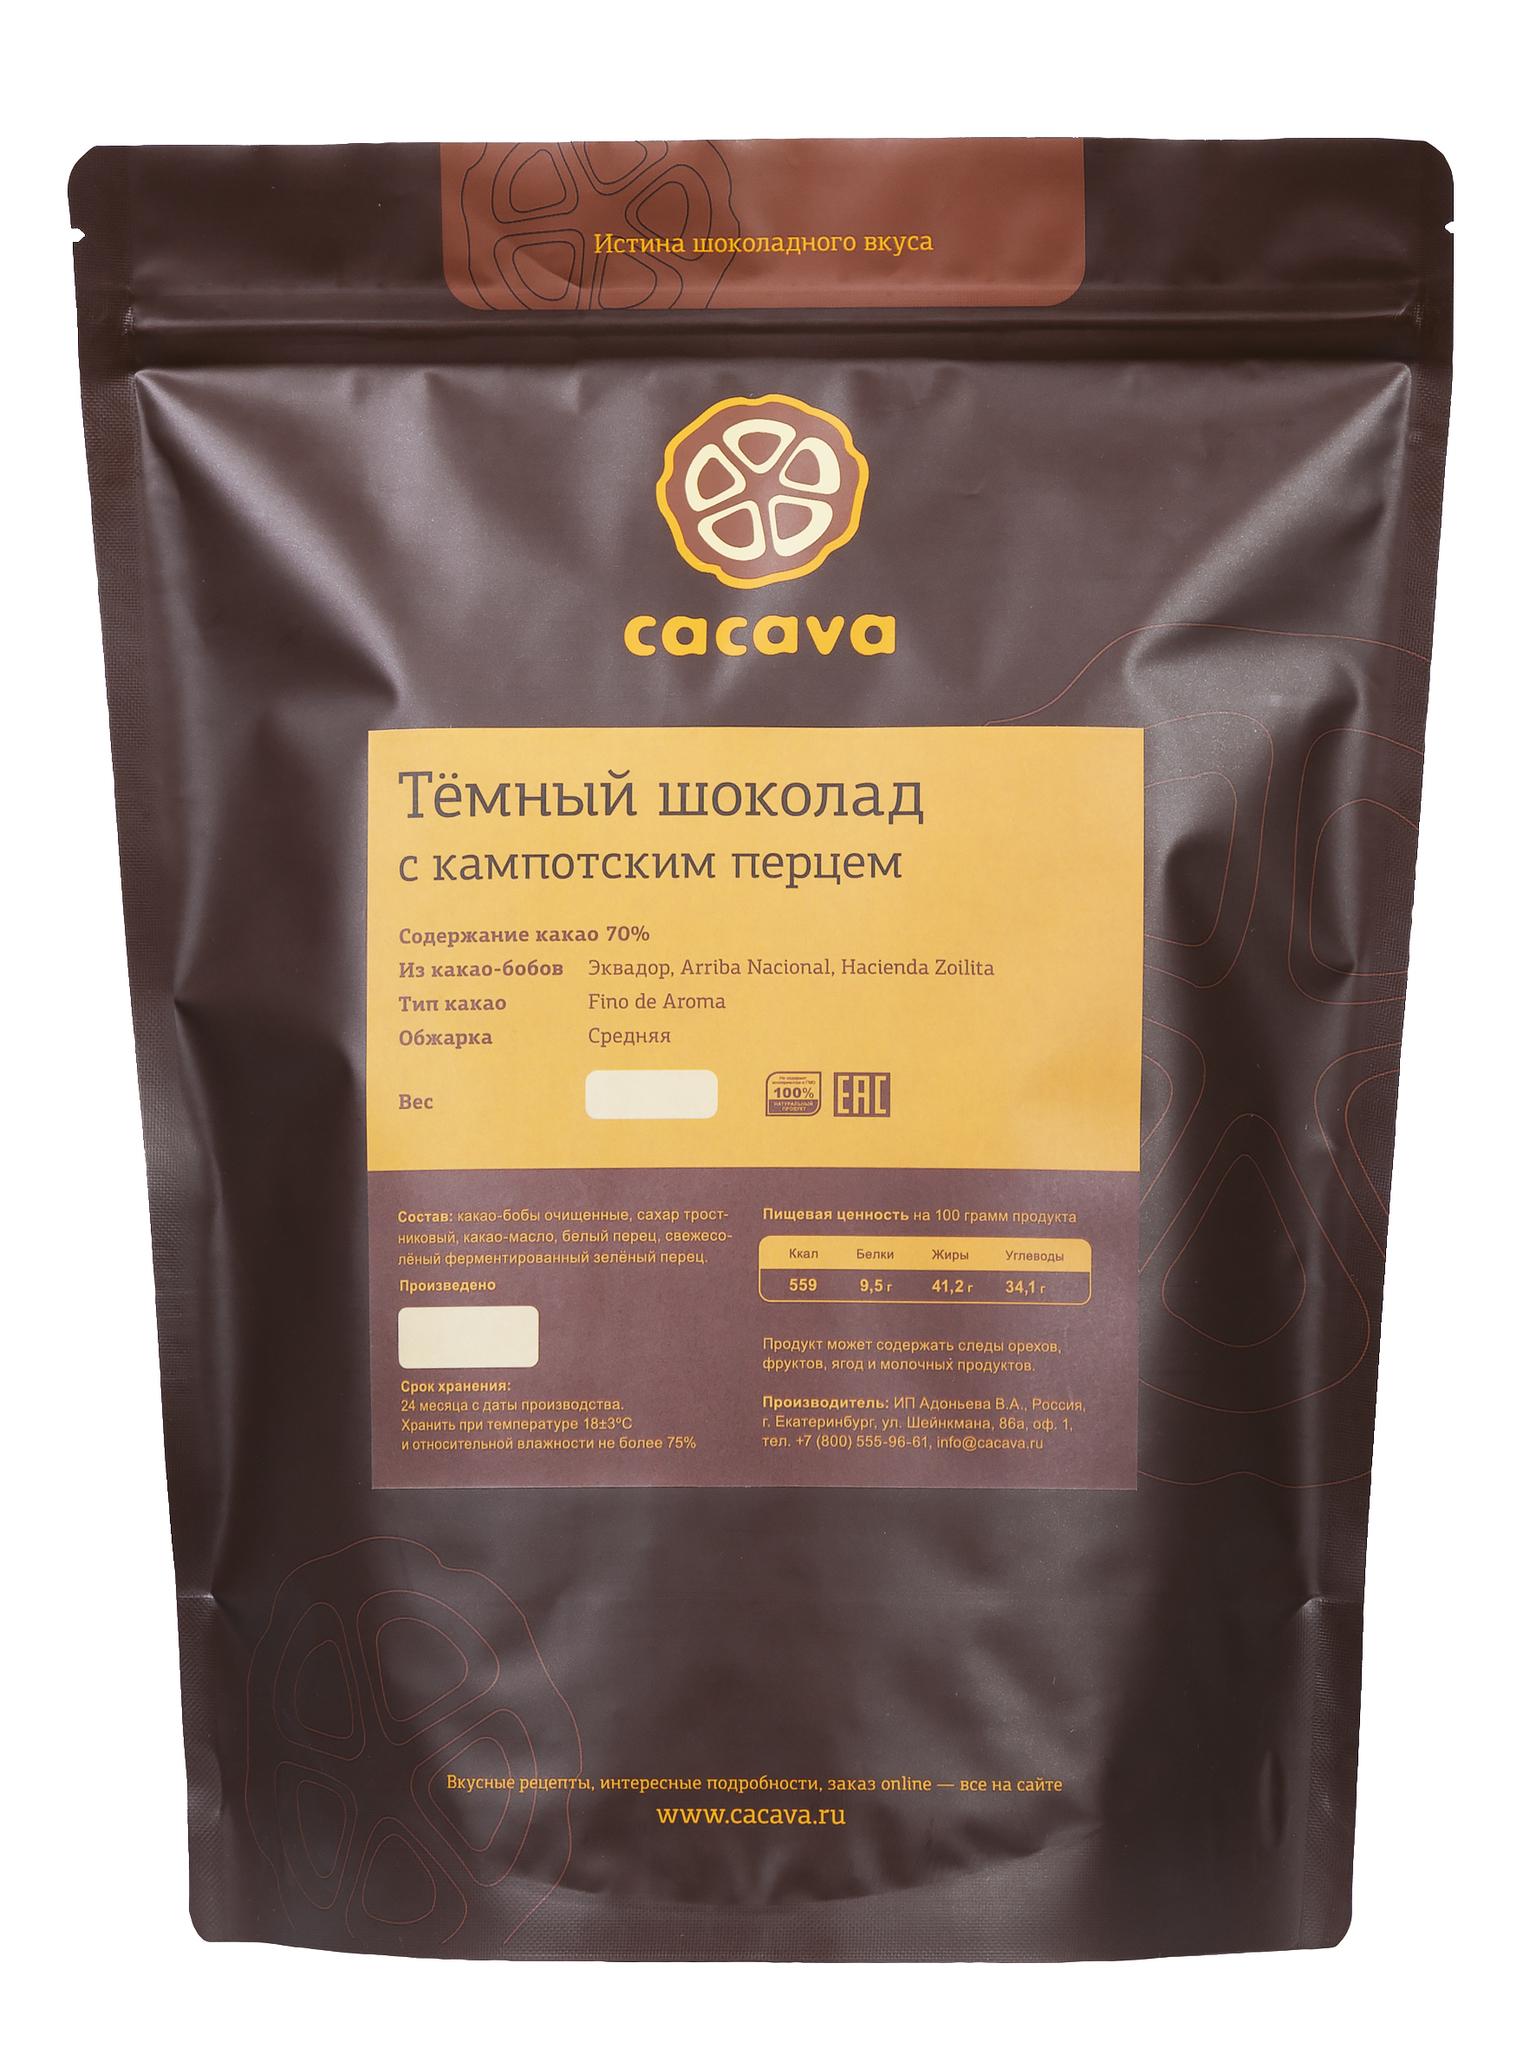 Тёмный шоколад с кампотским перцем, 70 % какао (Эквадор), упаковка 1 кг